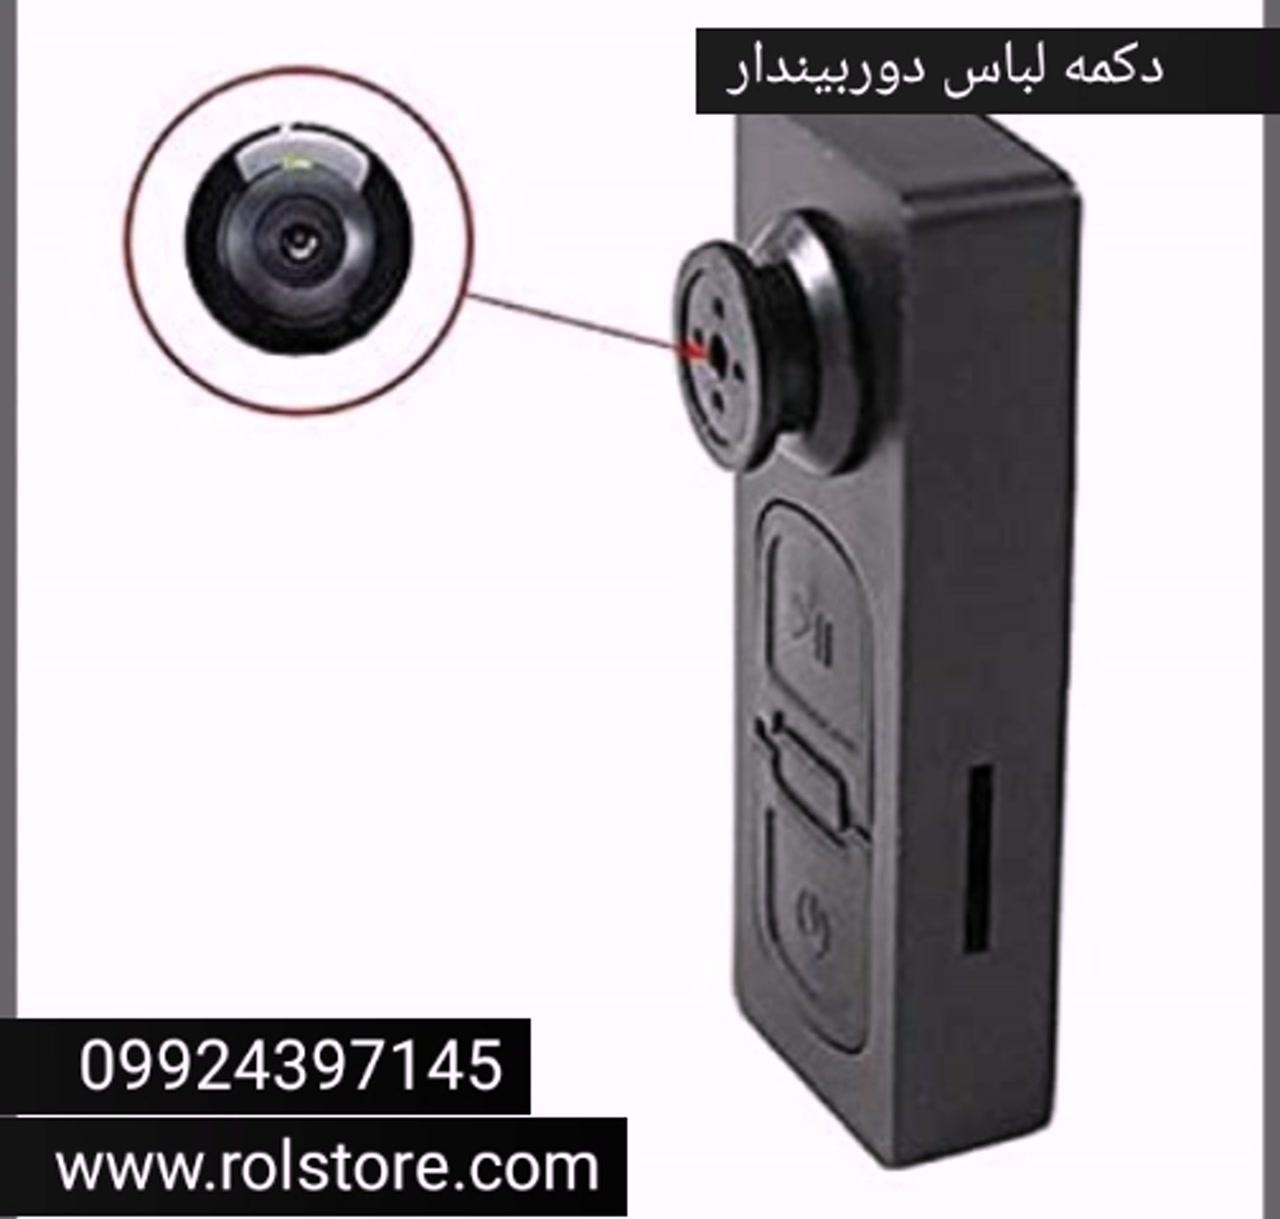 دکمه لباس دوربیندار  09924397145